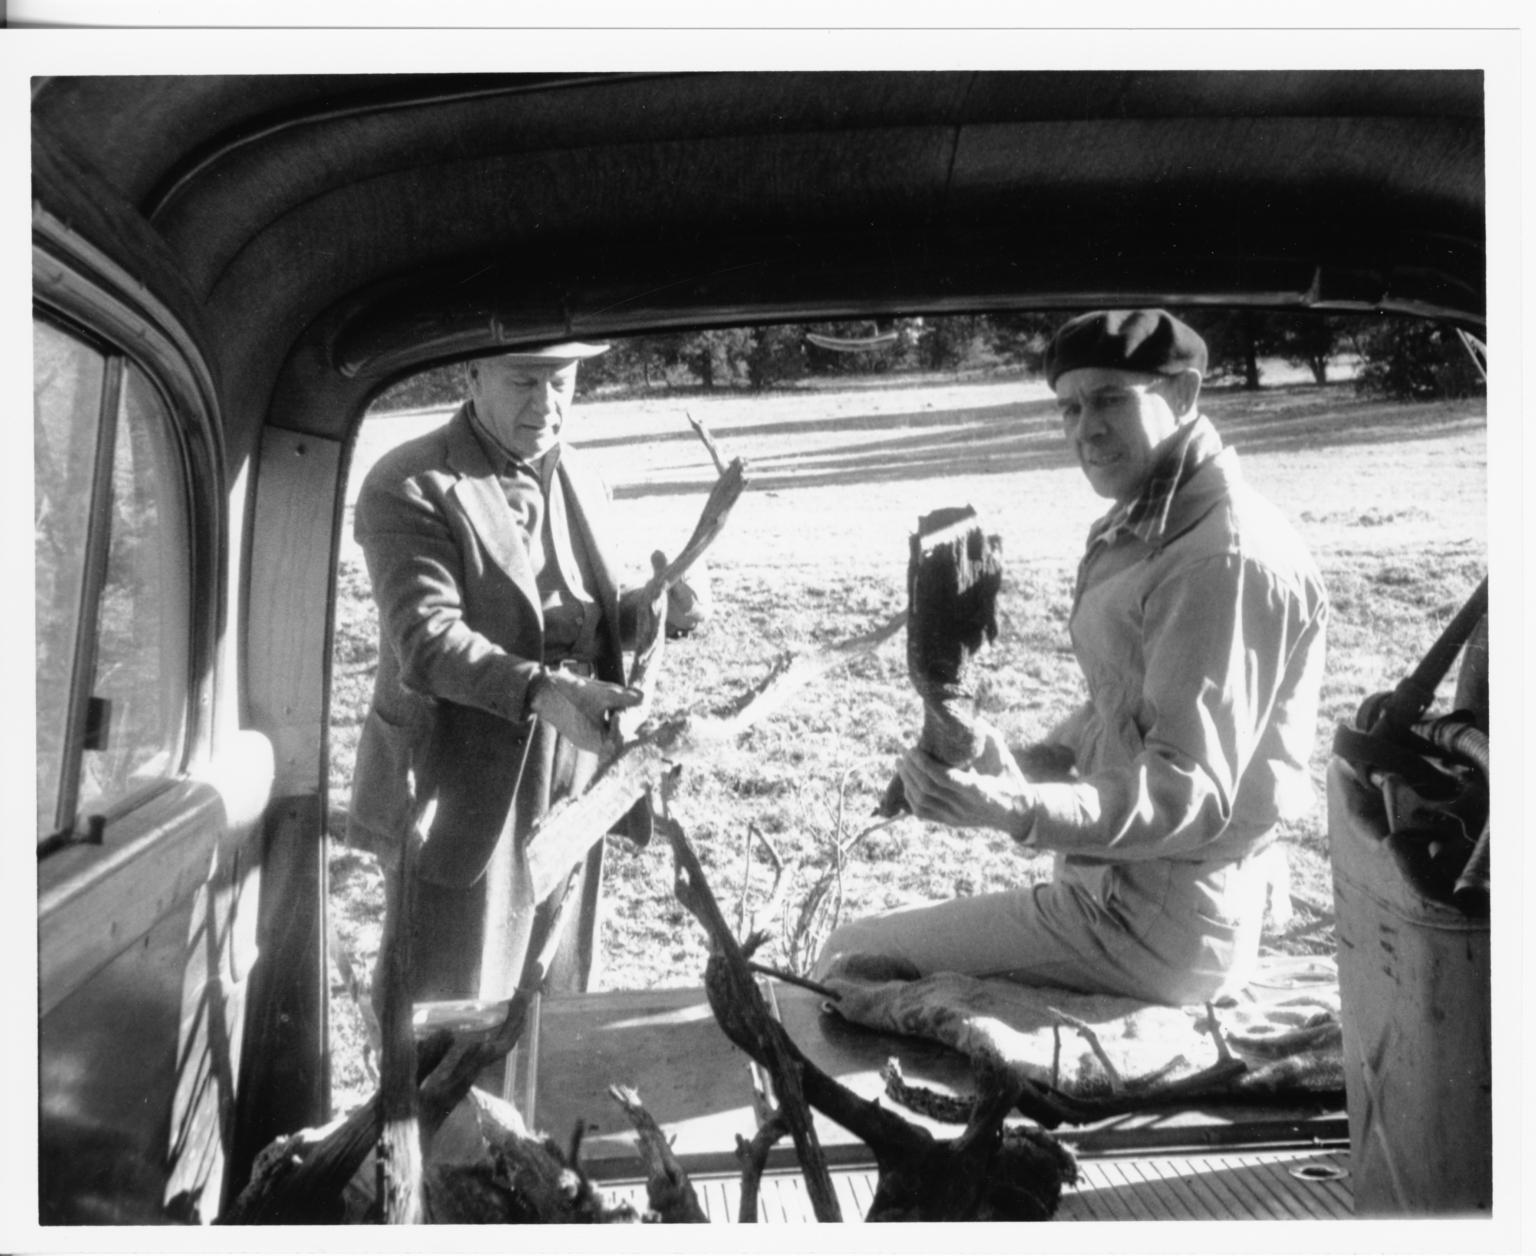 Albert Rogers and Robert Niedrach